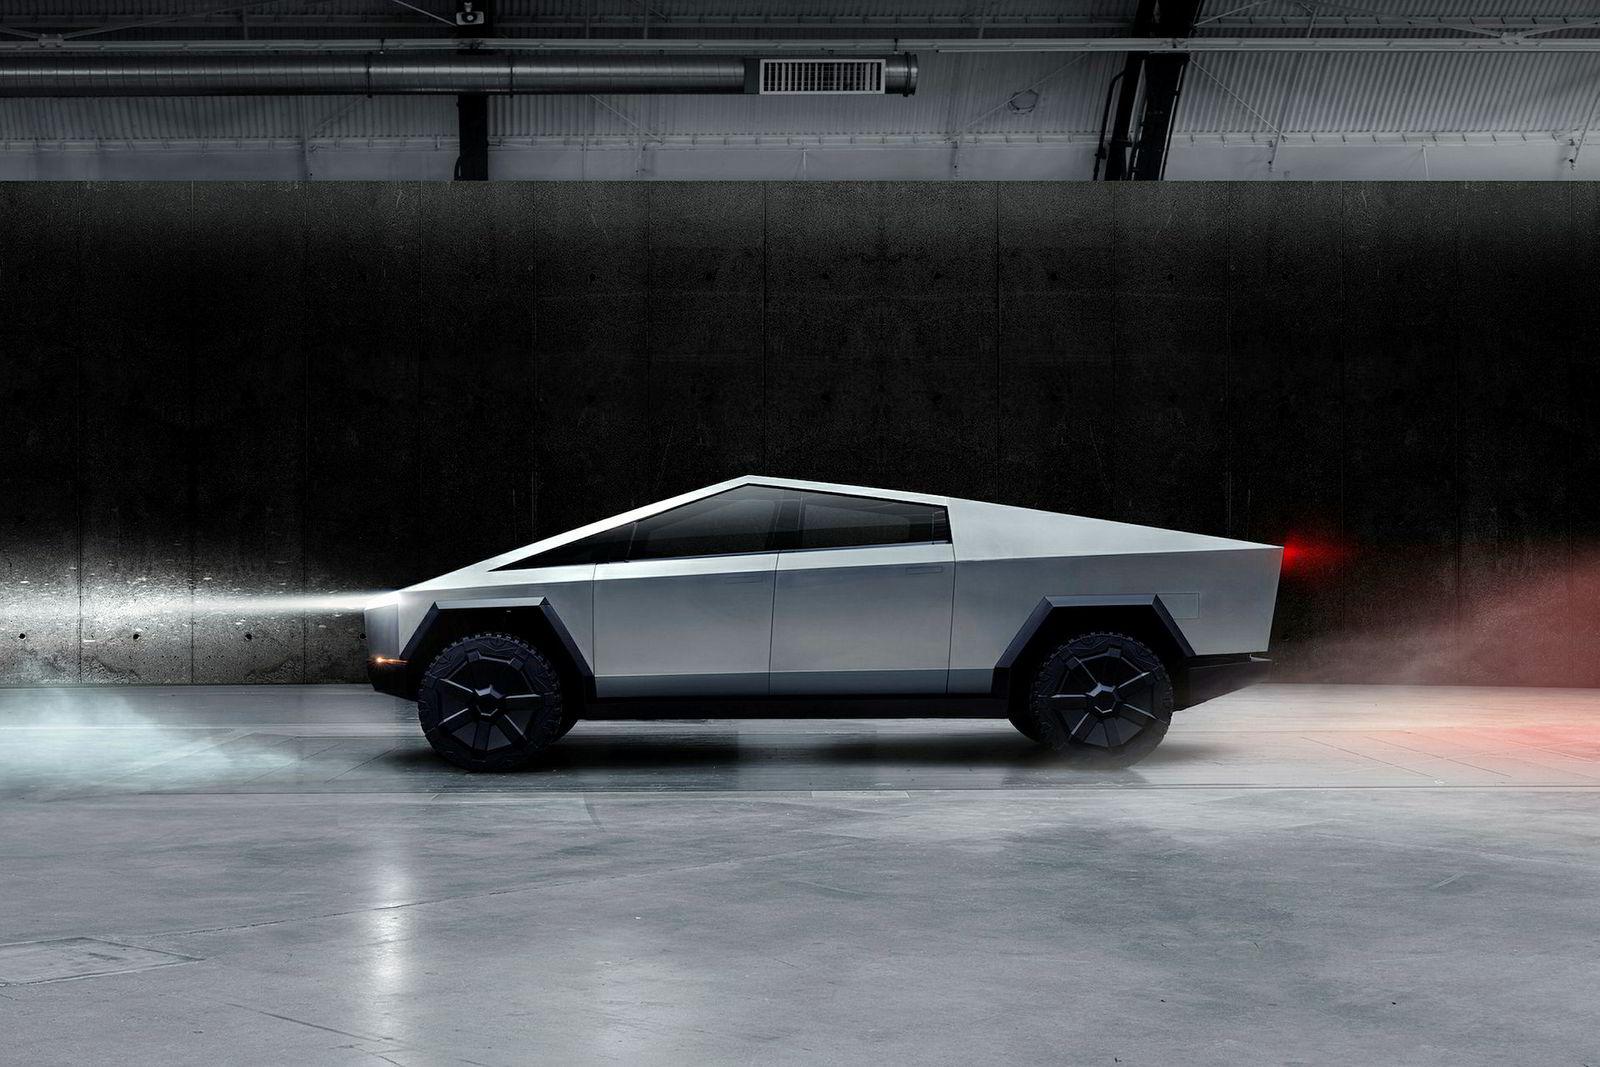 Tesla Cypertruck. Teslas Cybertruck ble lansert i California 22. november 2019. Toppmodellen skal nå 100 kilometer i timen på 2,9 sekunder. Den kommer i tre ulike versjoner. Den billigste har en rekkevidde på 400 kilometer. Toppmodellen skal nå 800 kilometer.